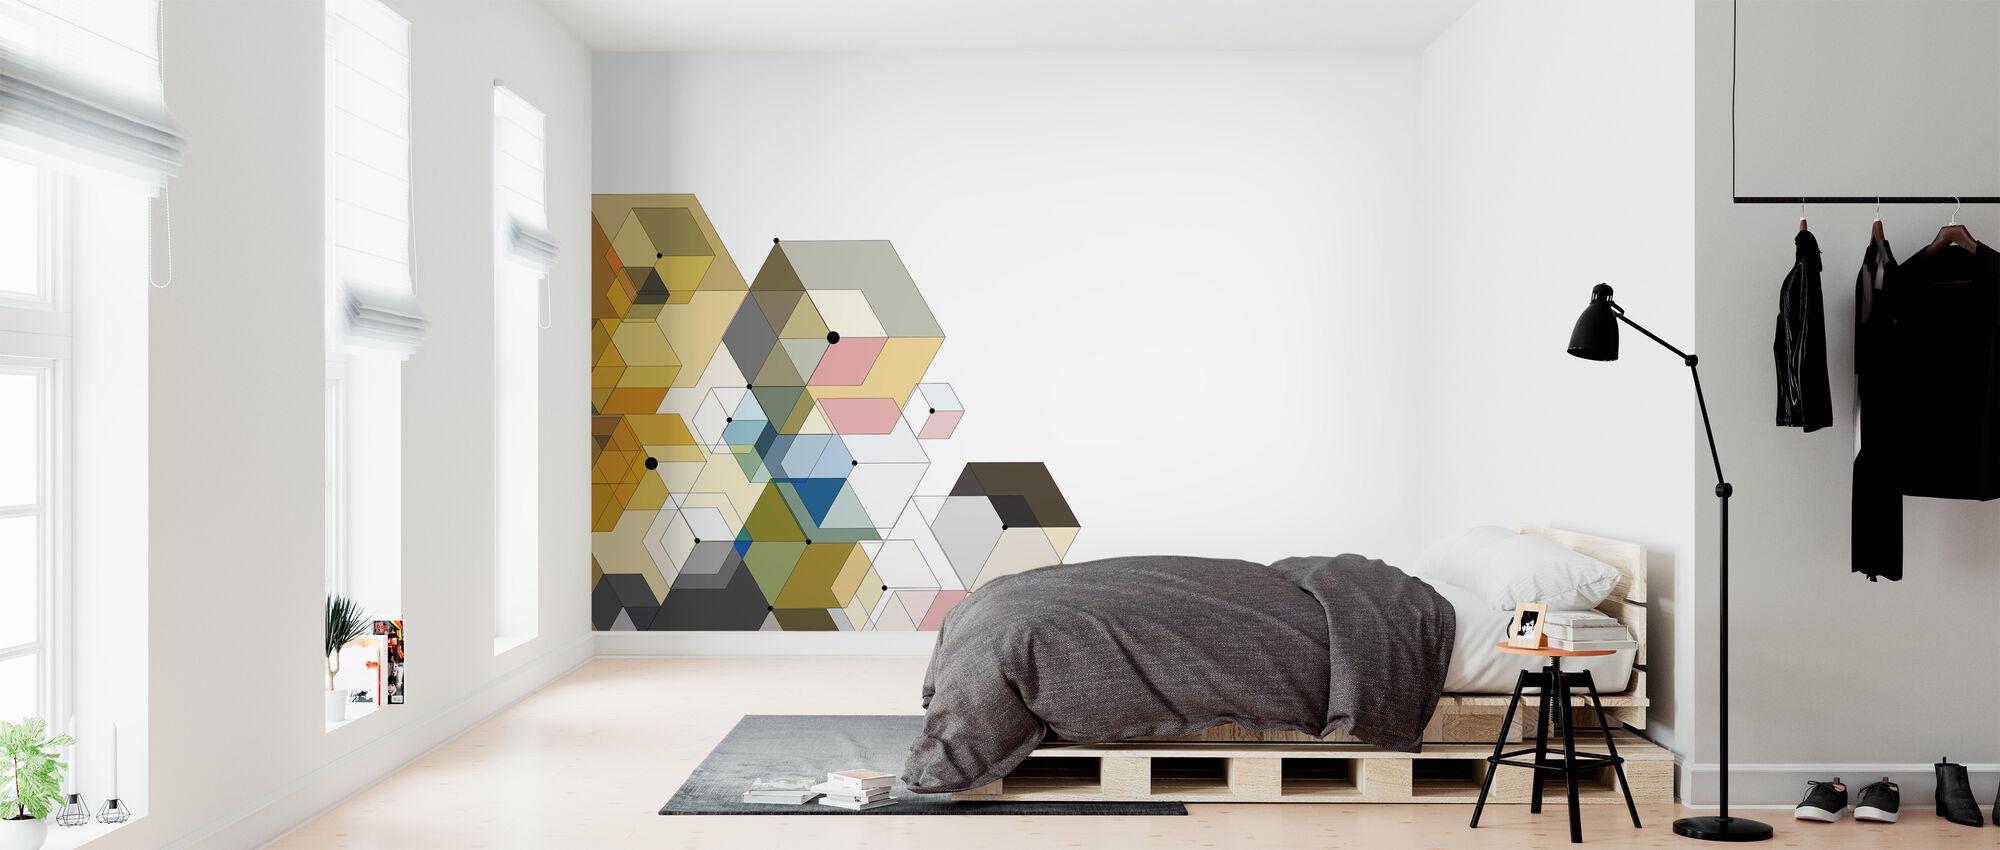 Abstrakt farge sekskanter - Tapet - Soverom